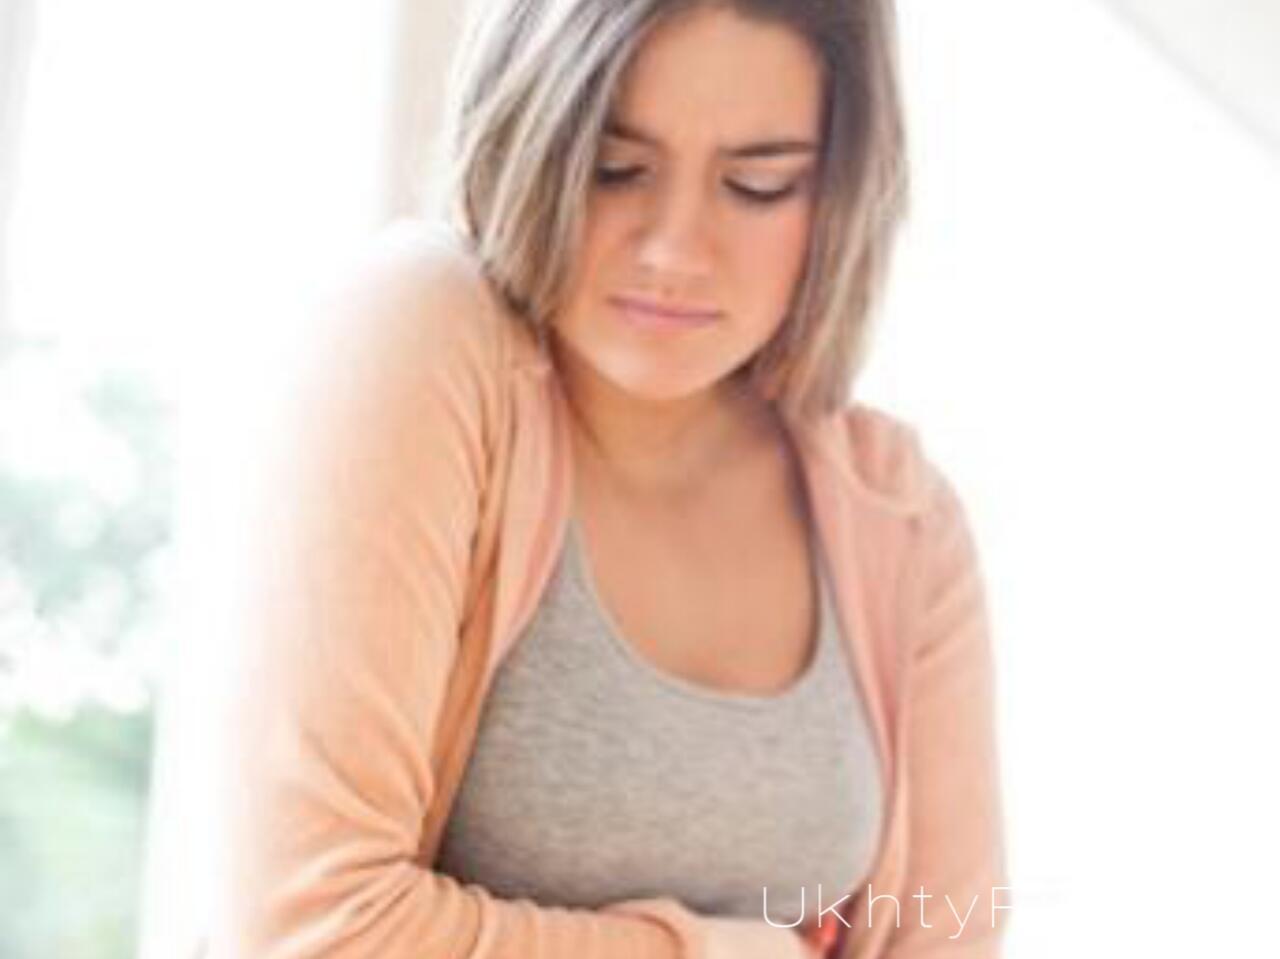 Kenali Penyebab Telat Menstruasi Salah Satunya Telat Makan! Benarkah?